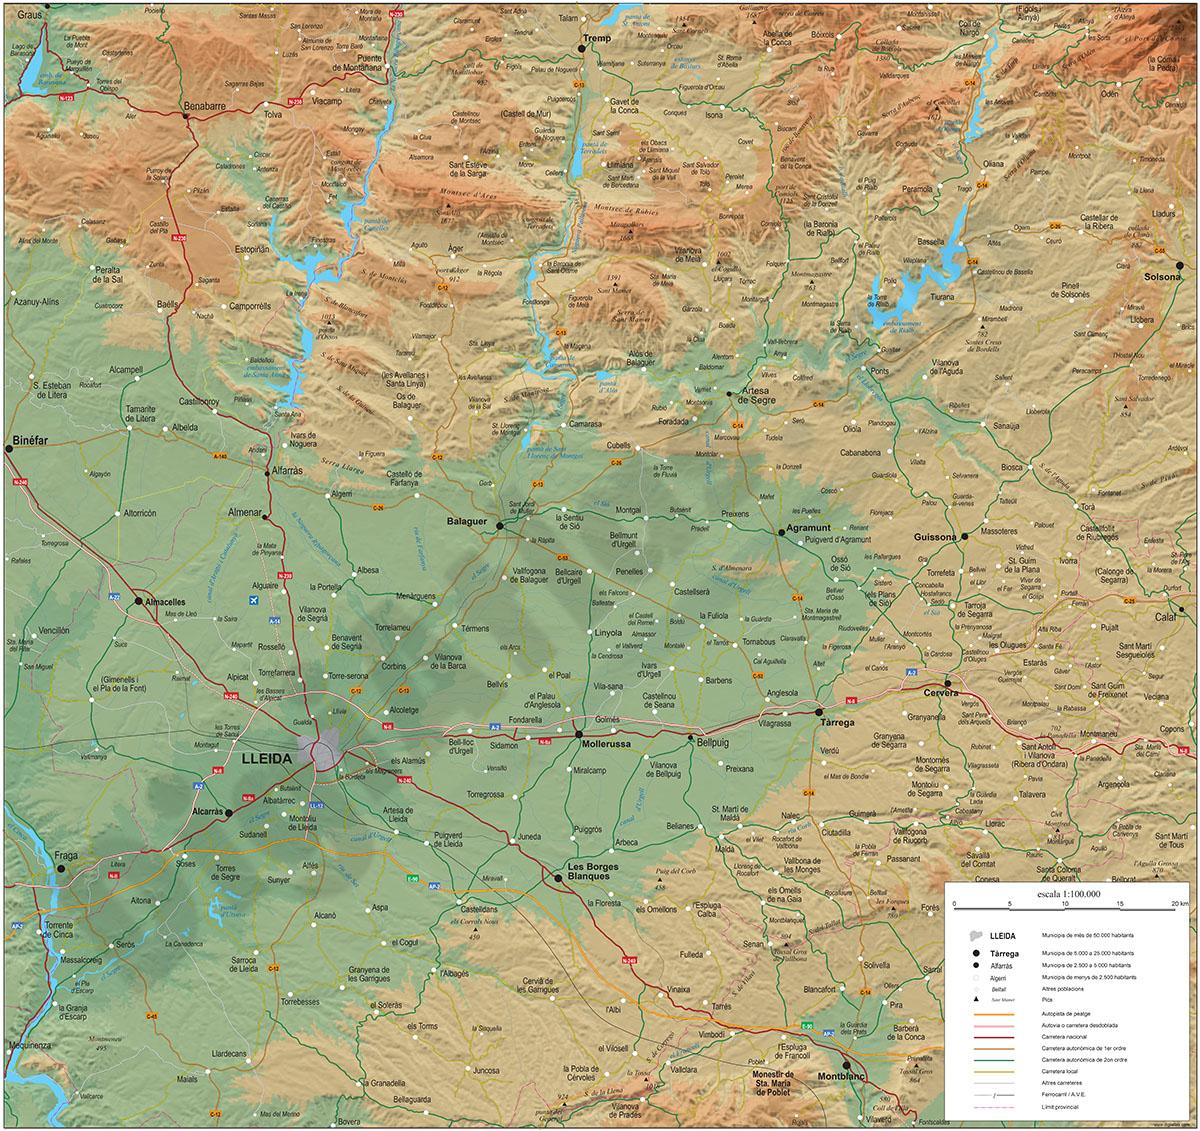 Mapa turístico de Albufeira : Plano de Albufeira -